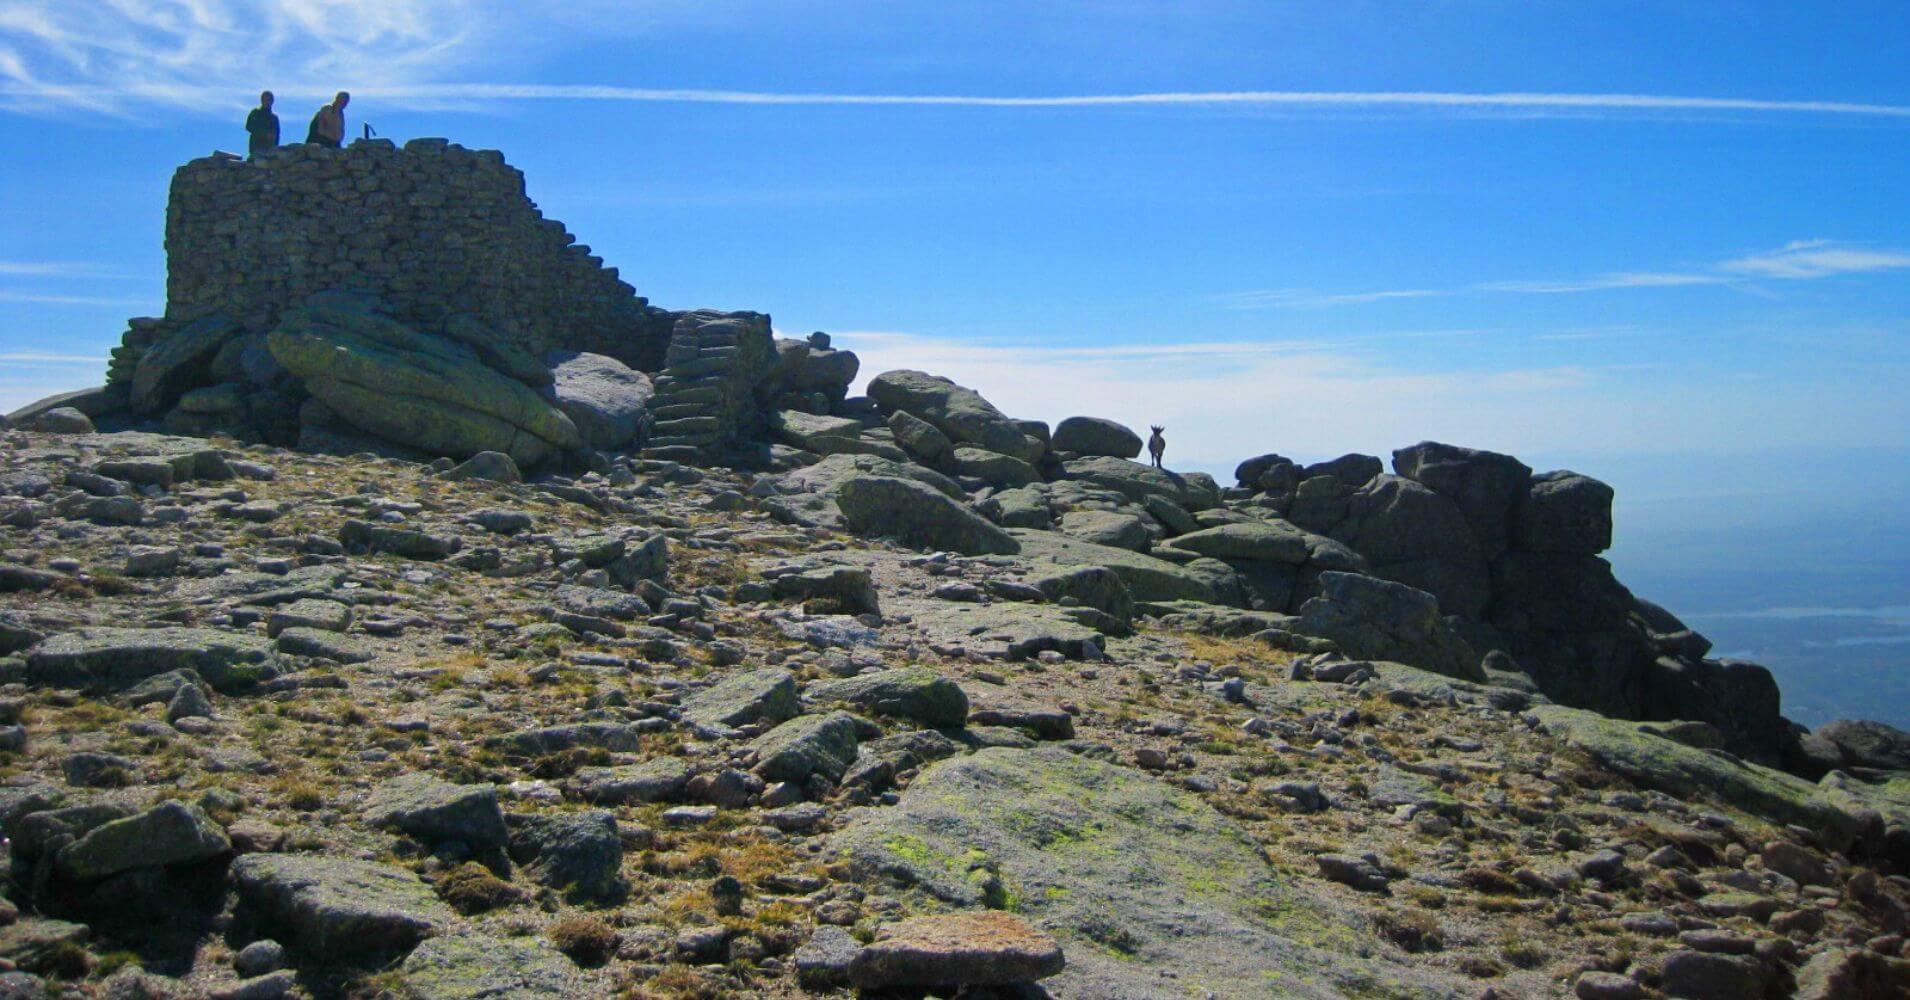 Cumbre del Pico de la Mira. Sierra de Gredos. Ávila. Castilla y León.